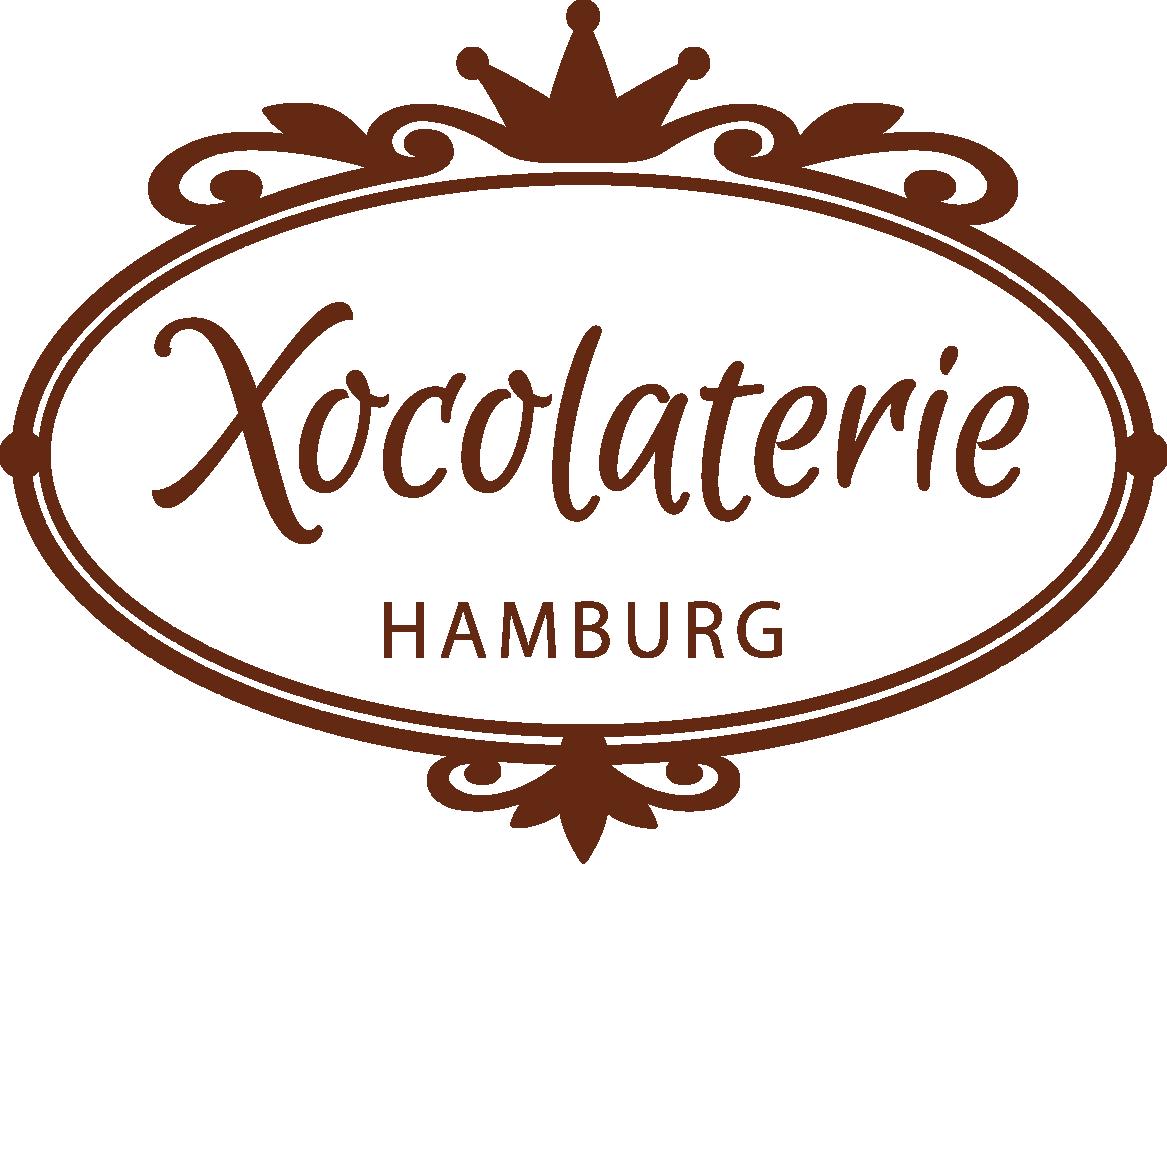 Xocolaterie